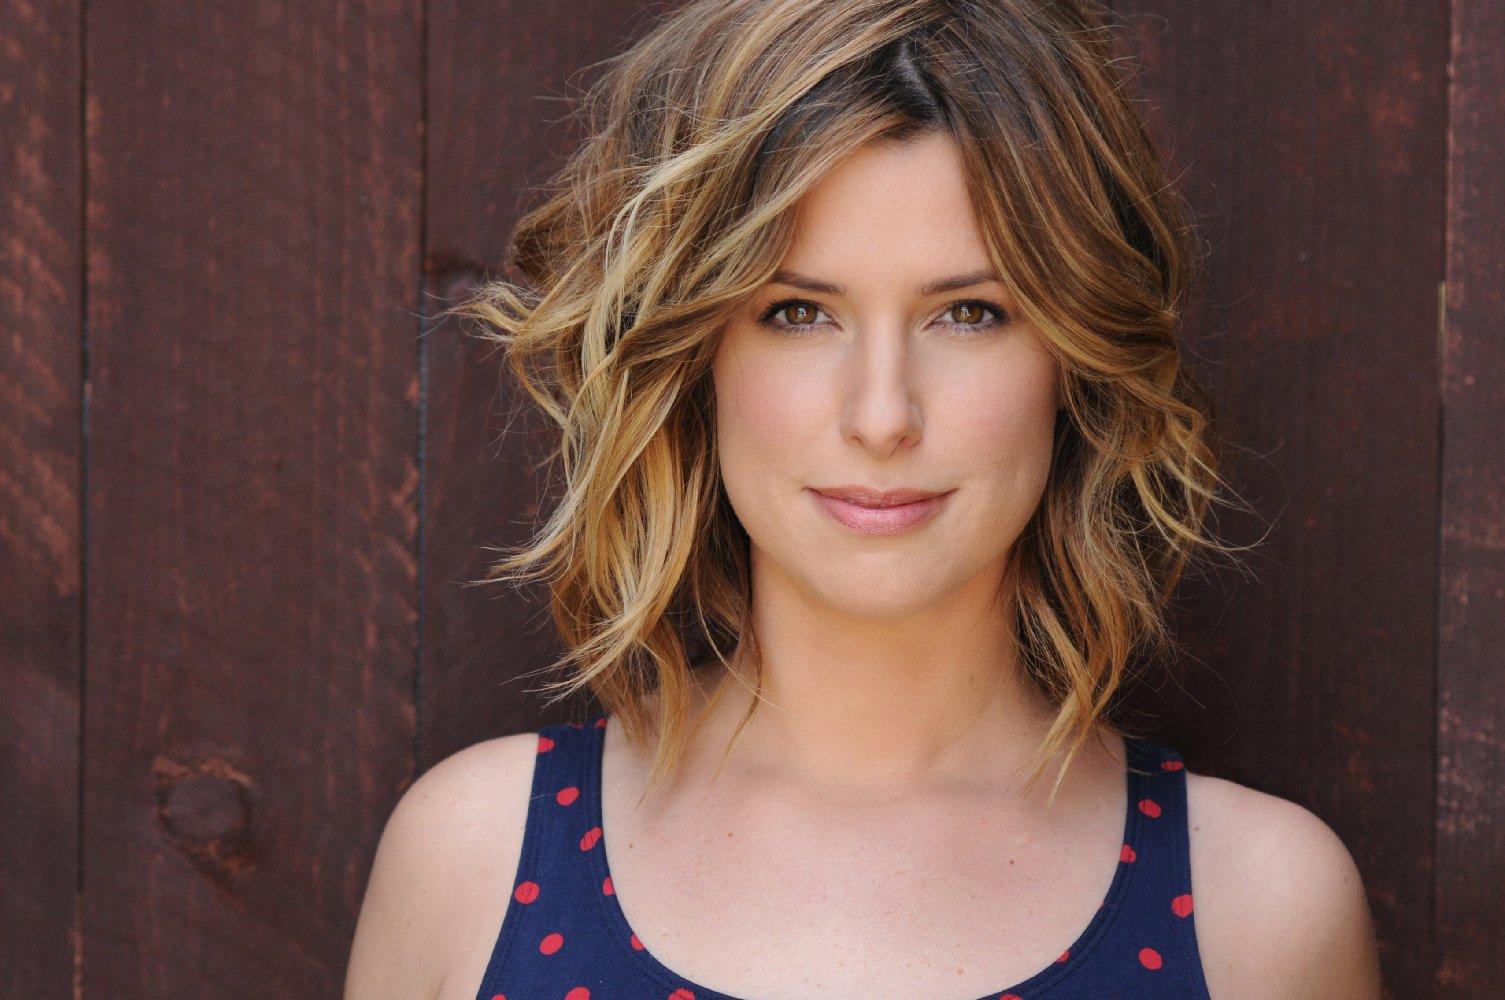 Carrie Locklyn